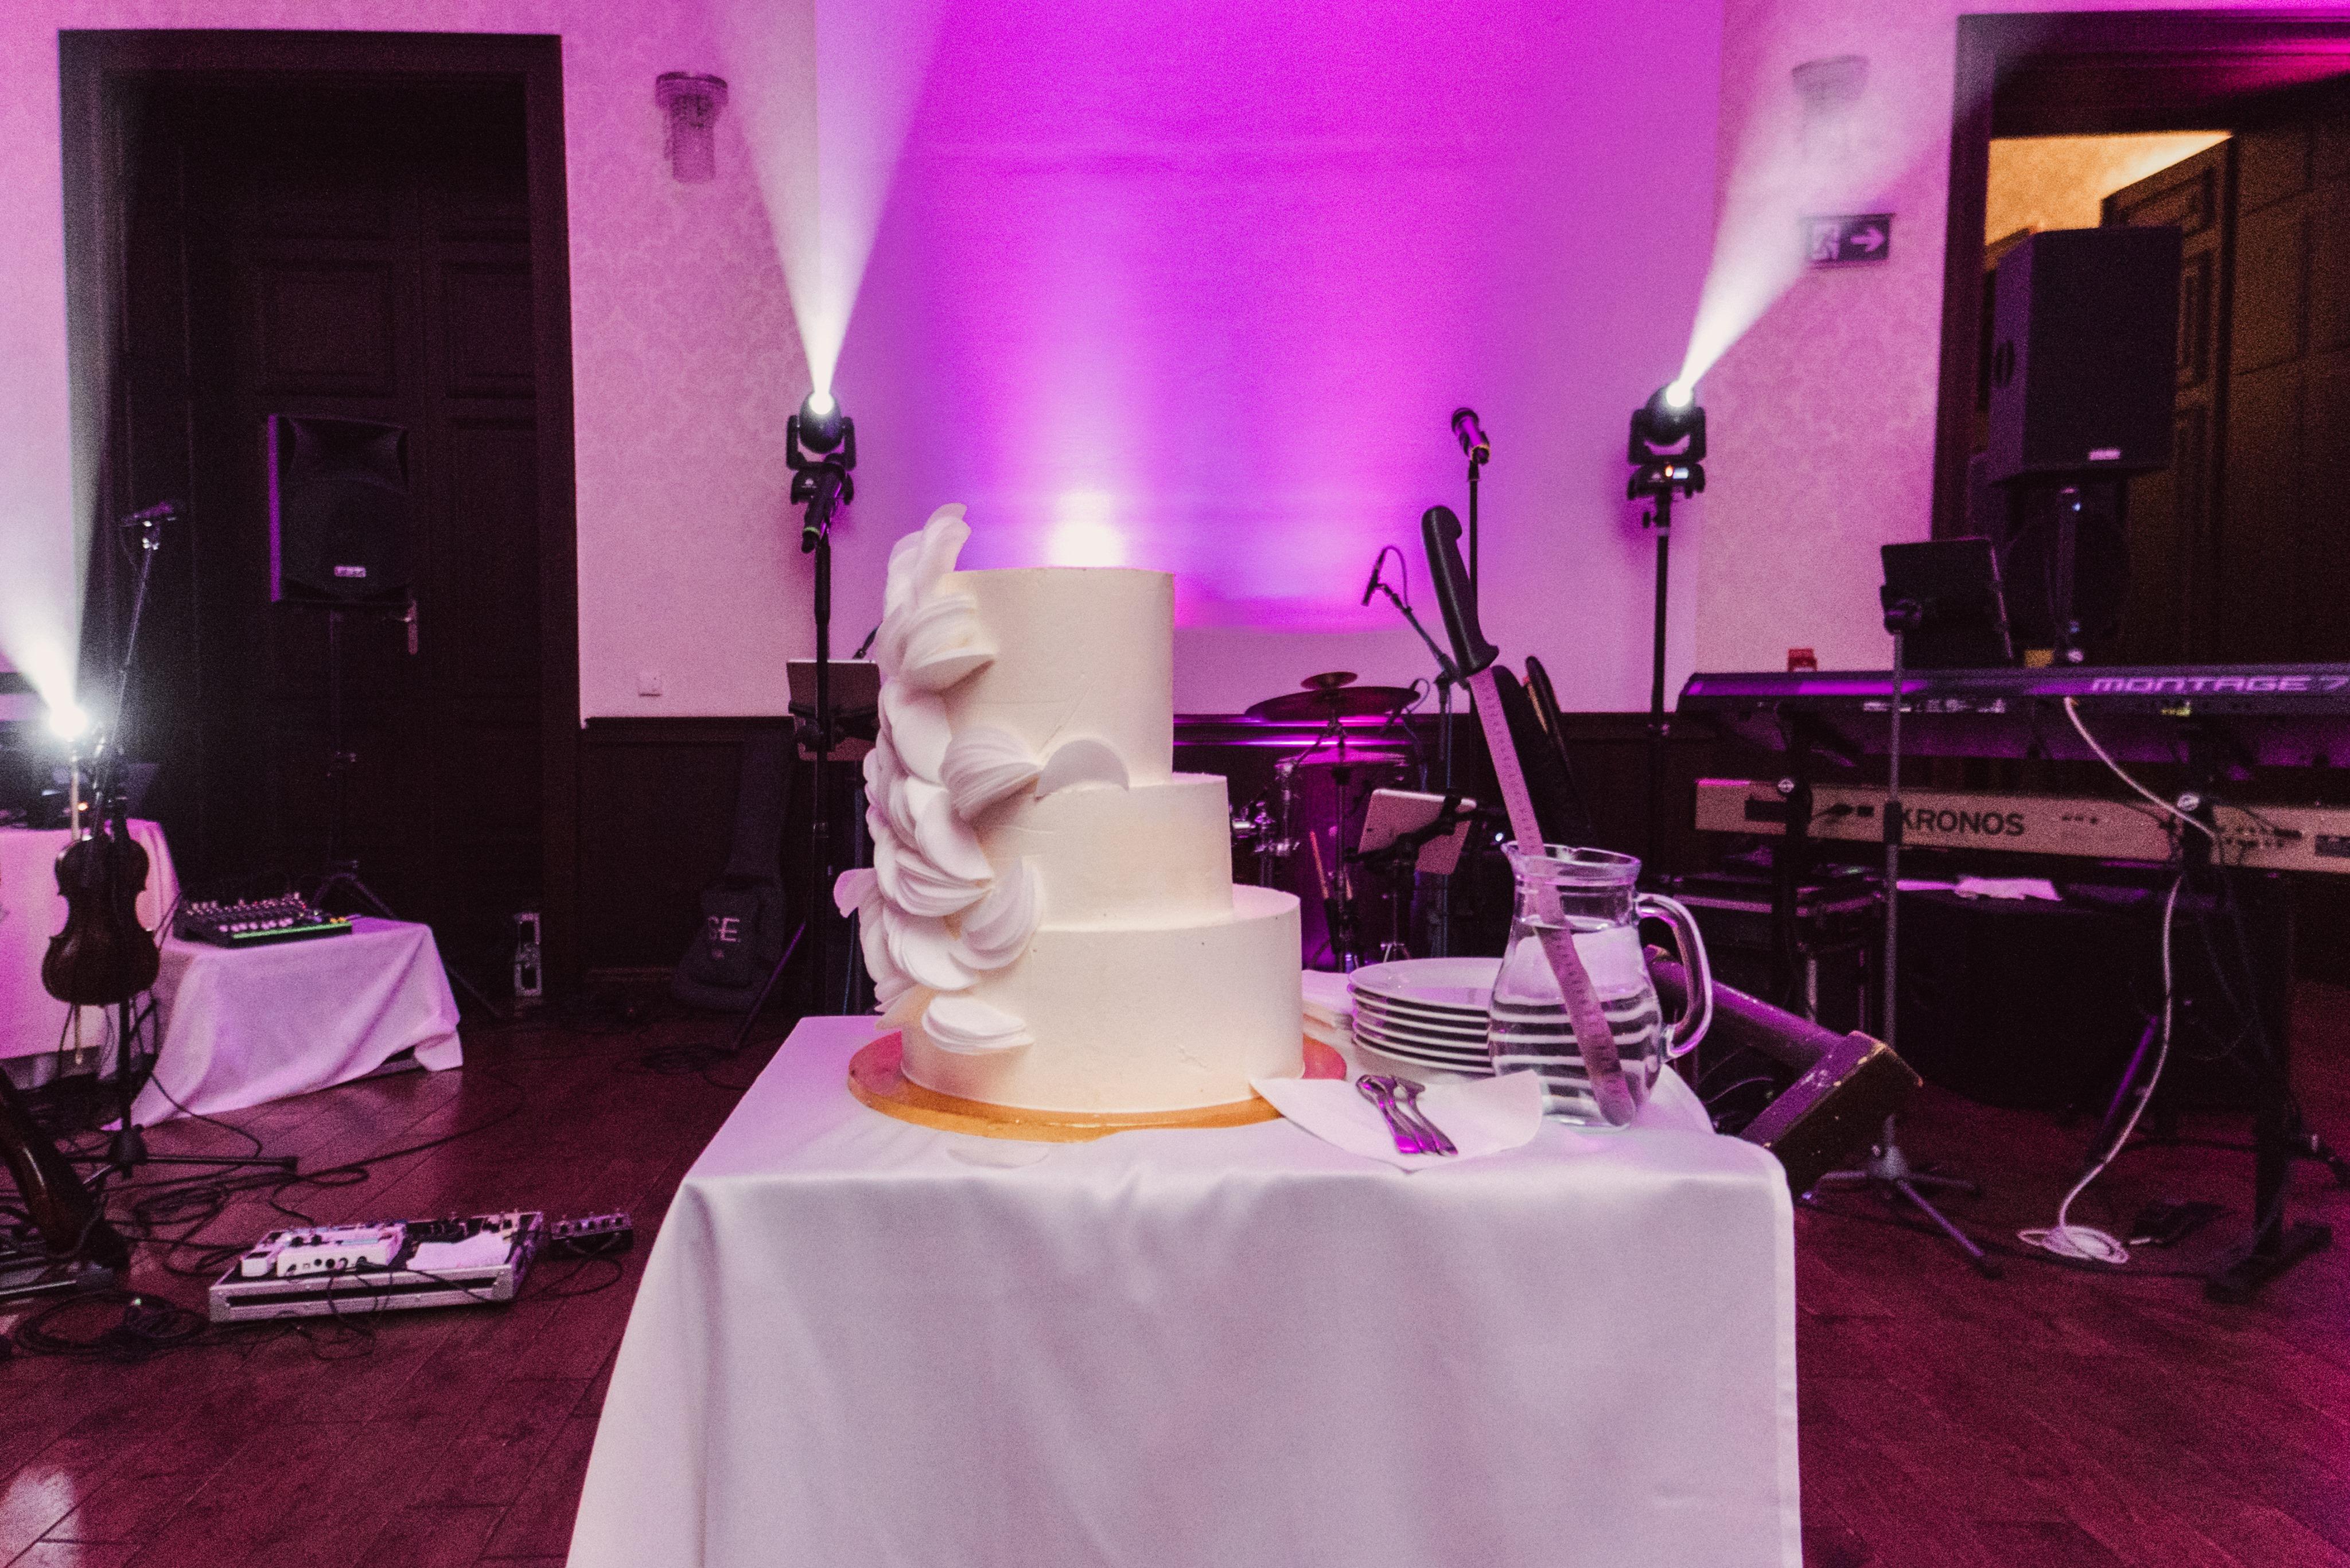 nasvietenie-saly-osvetlenie-svadby-ruzovajpg